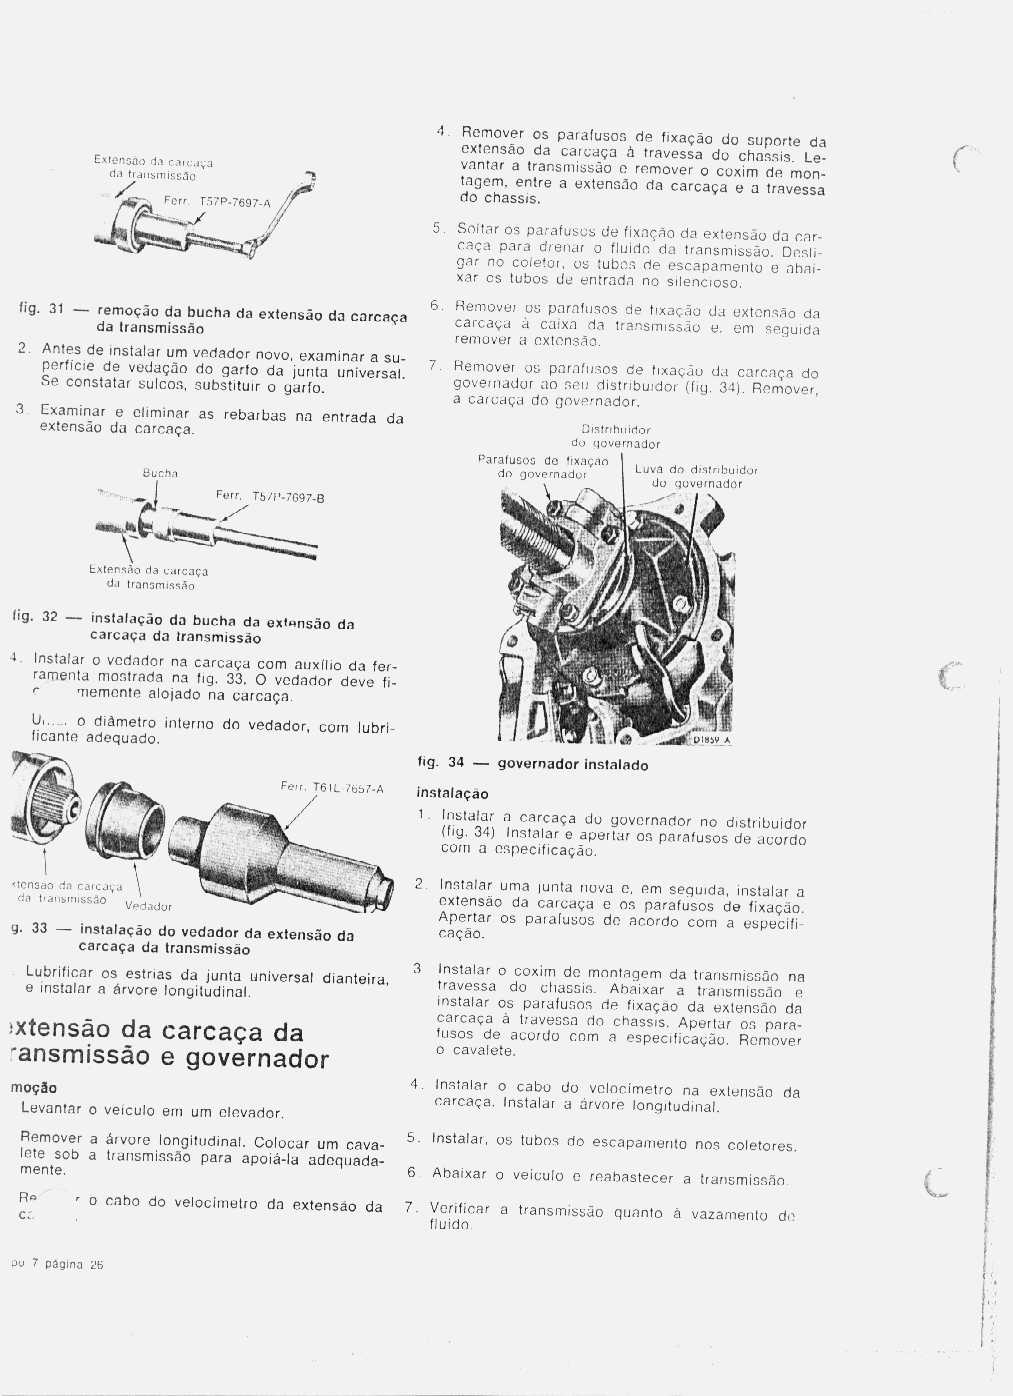 MANUAIS DO PROPRIETÁRIO GRÁTIS: MANUAL DE SERVIÇO DA